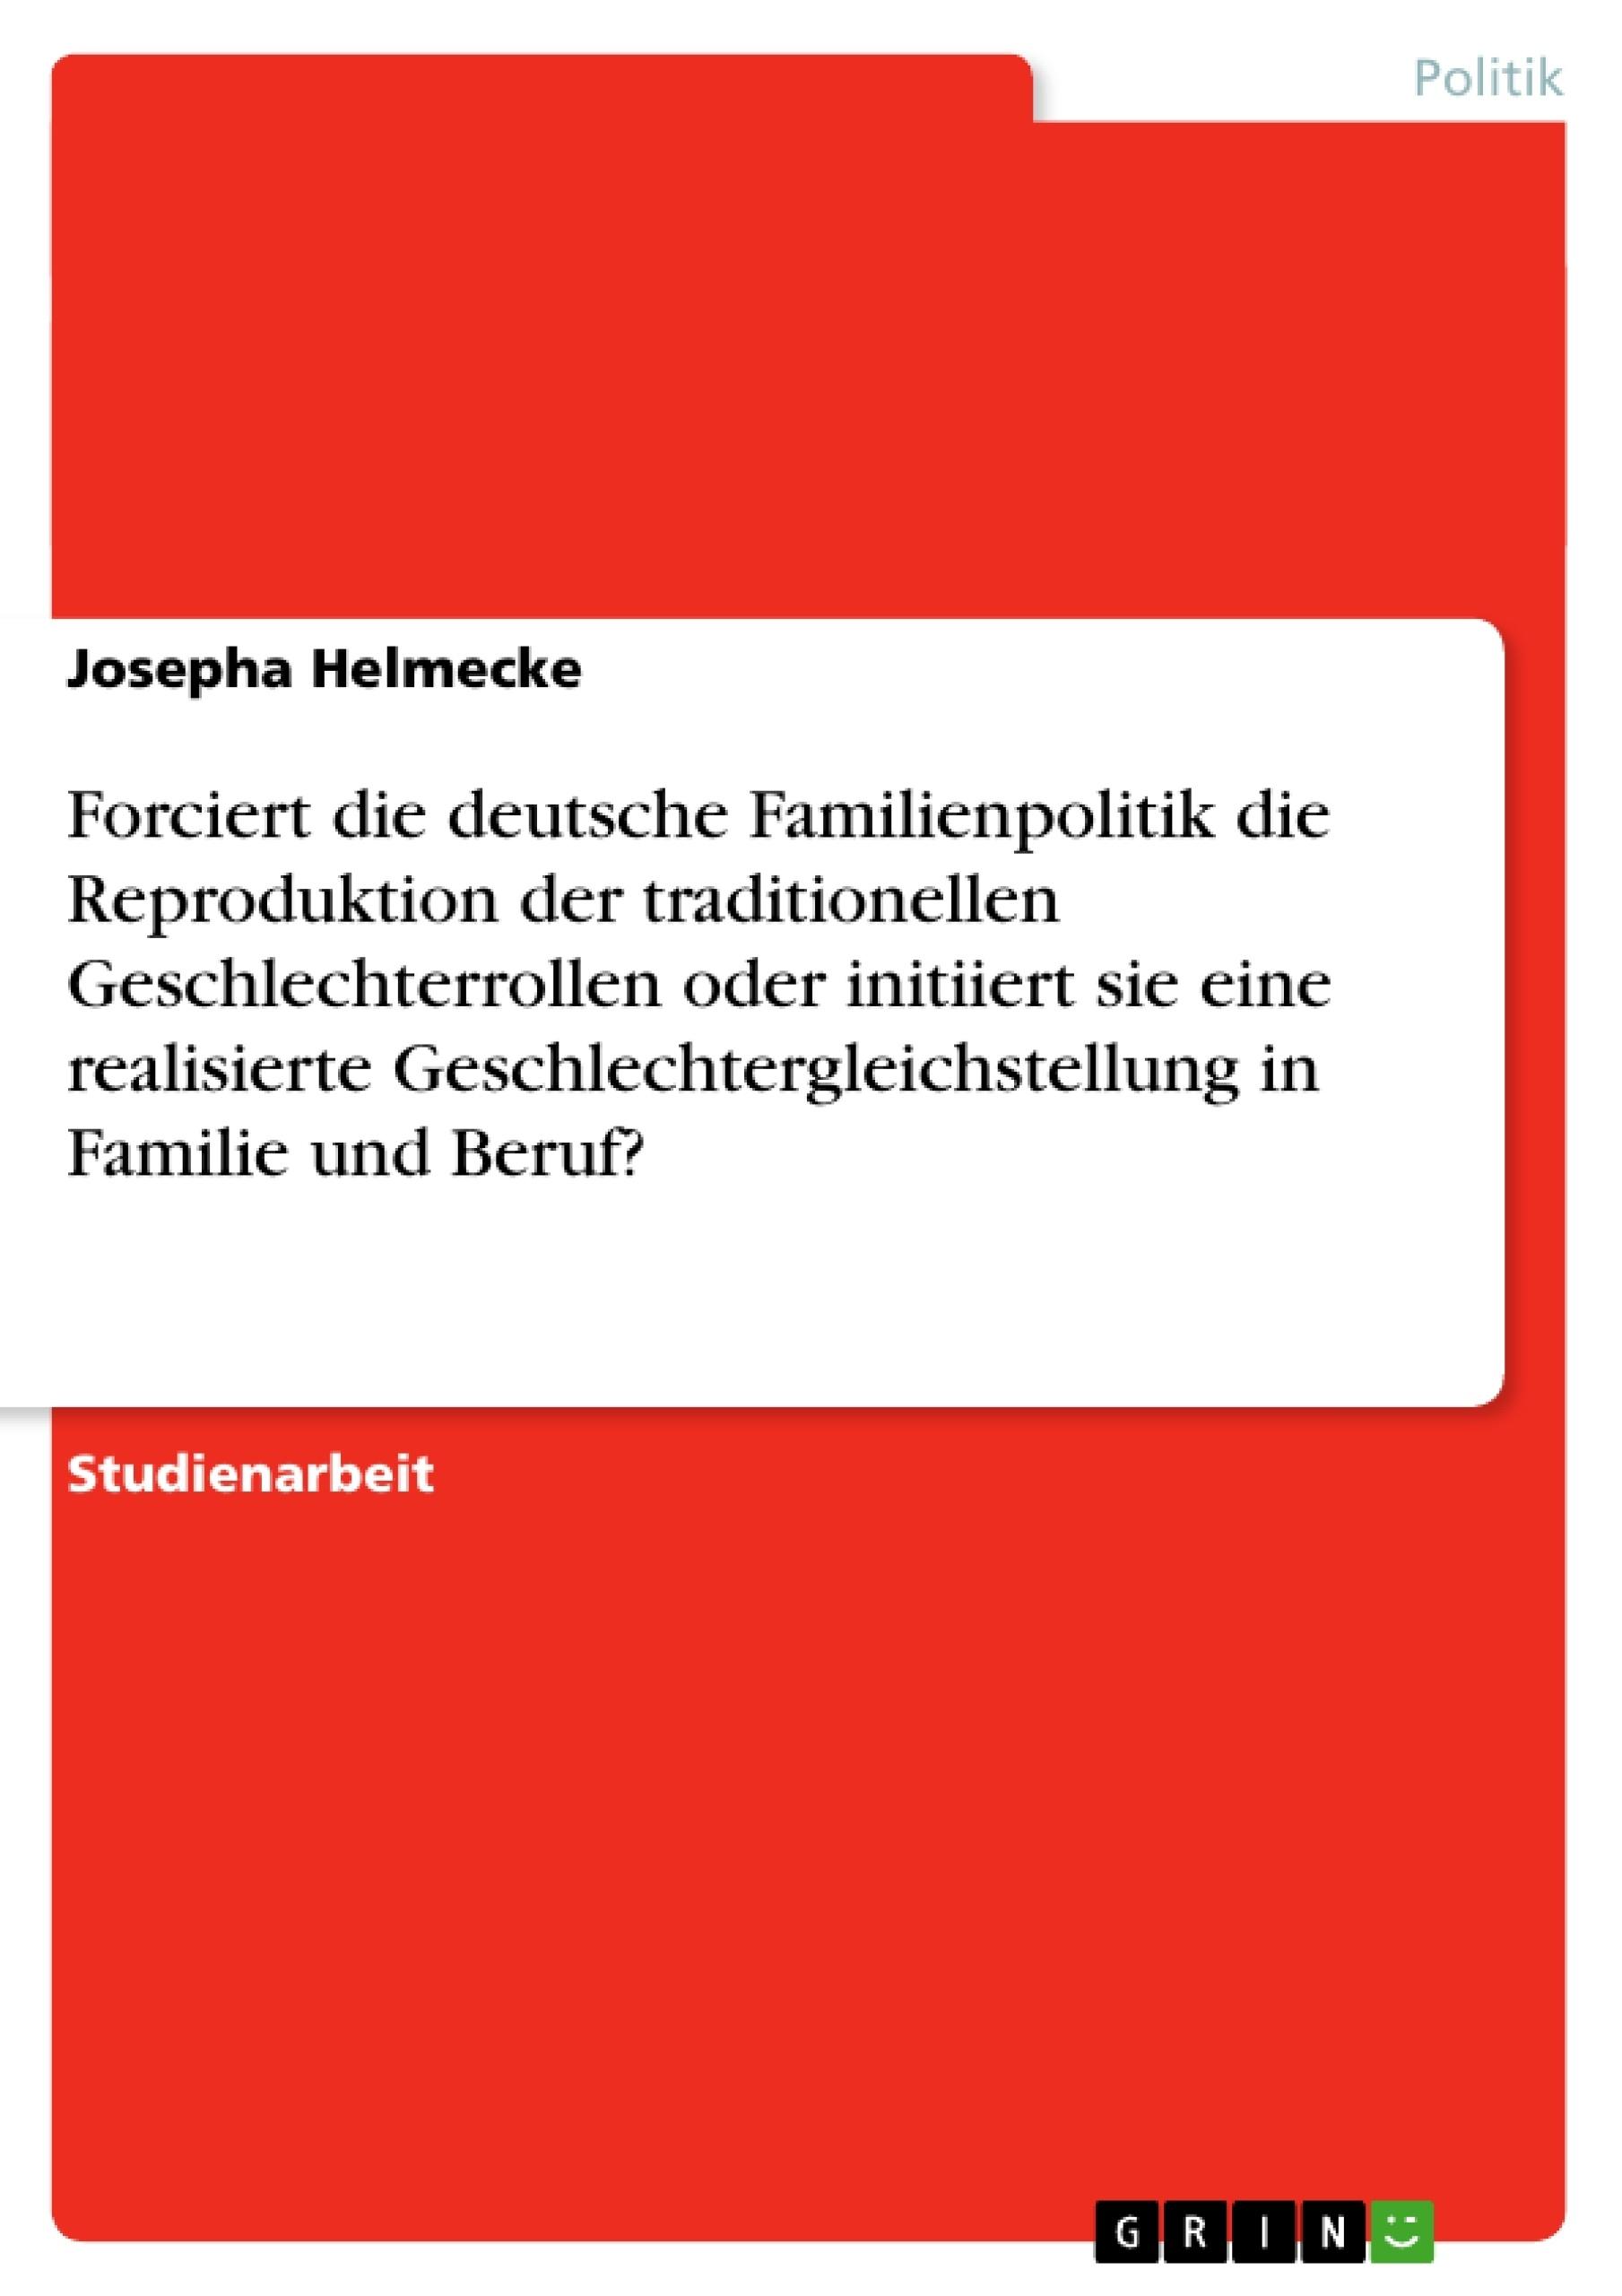 Titel: Forciert die deutsche Familienpolitik die Reproduktion der traditionellen Geschlechterrollen oder initiiert sie eine realisierte Geschlechtergleichstellung in Familie und Beruf?